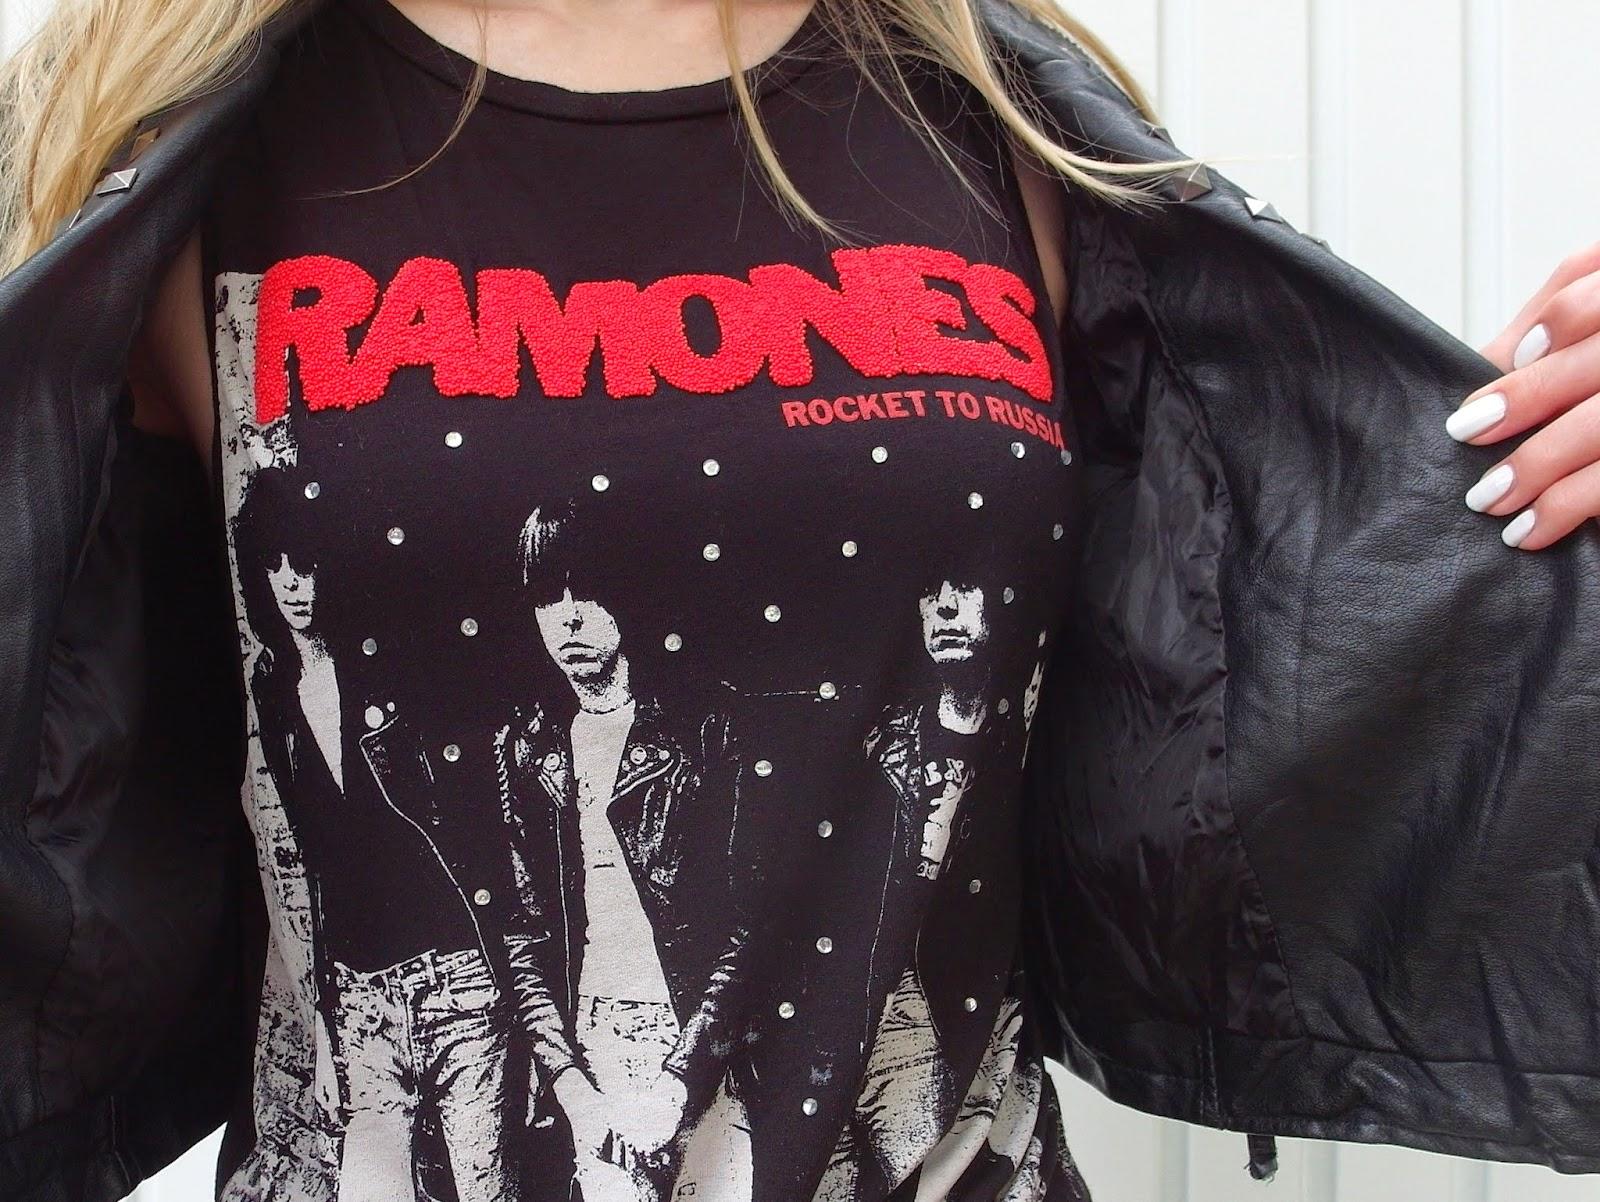 Compleet zwarte outfit inspiratie rock Primark shirt met Ramones maxi rok met split